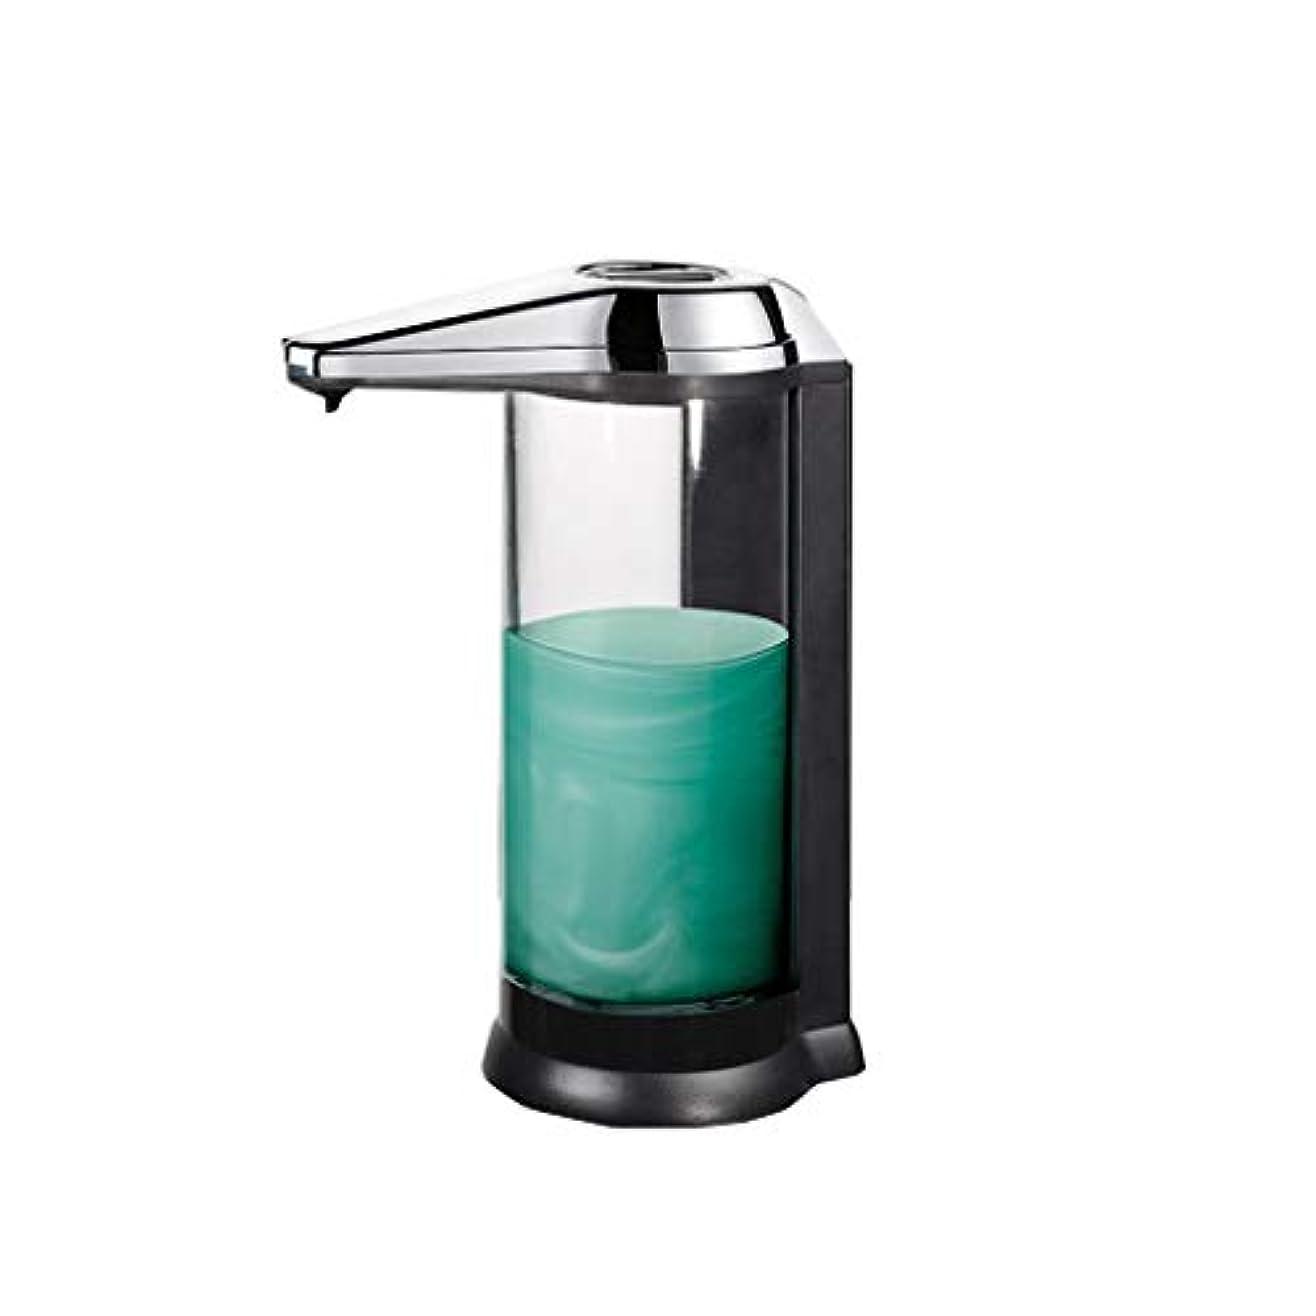 呼び起こすのホスト鷹せっけん ソープディスペンサー自動ソープディスペンサー赤外線モーションセンサー液体ディスペンサー防水リークプルーフ非接触石鹸子供、キッチン、バスルームに適して 新しい